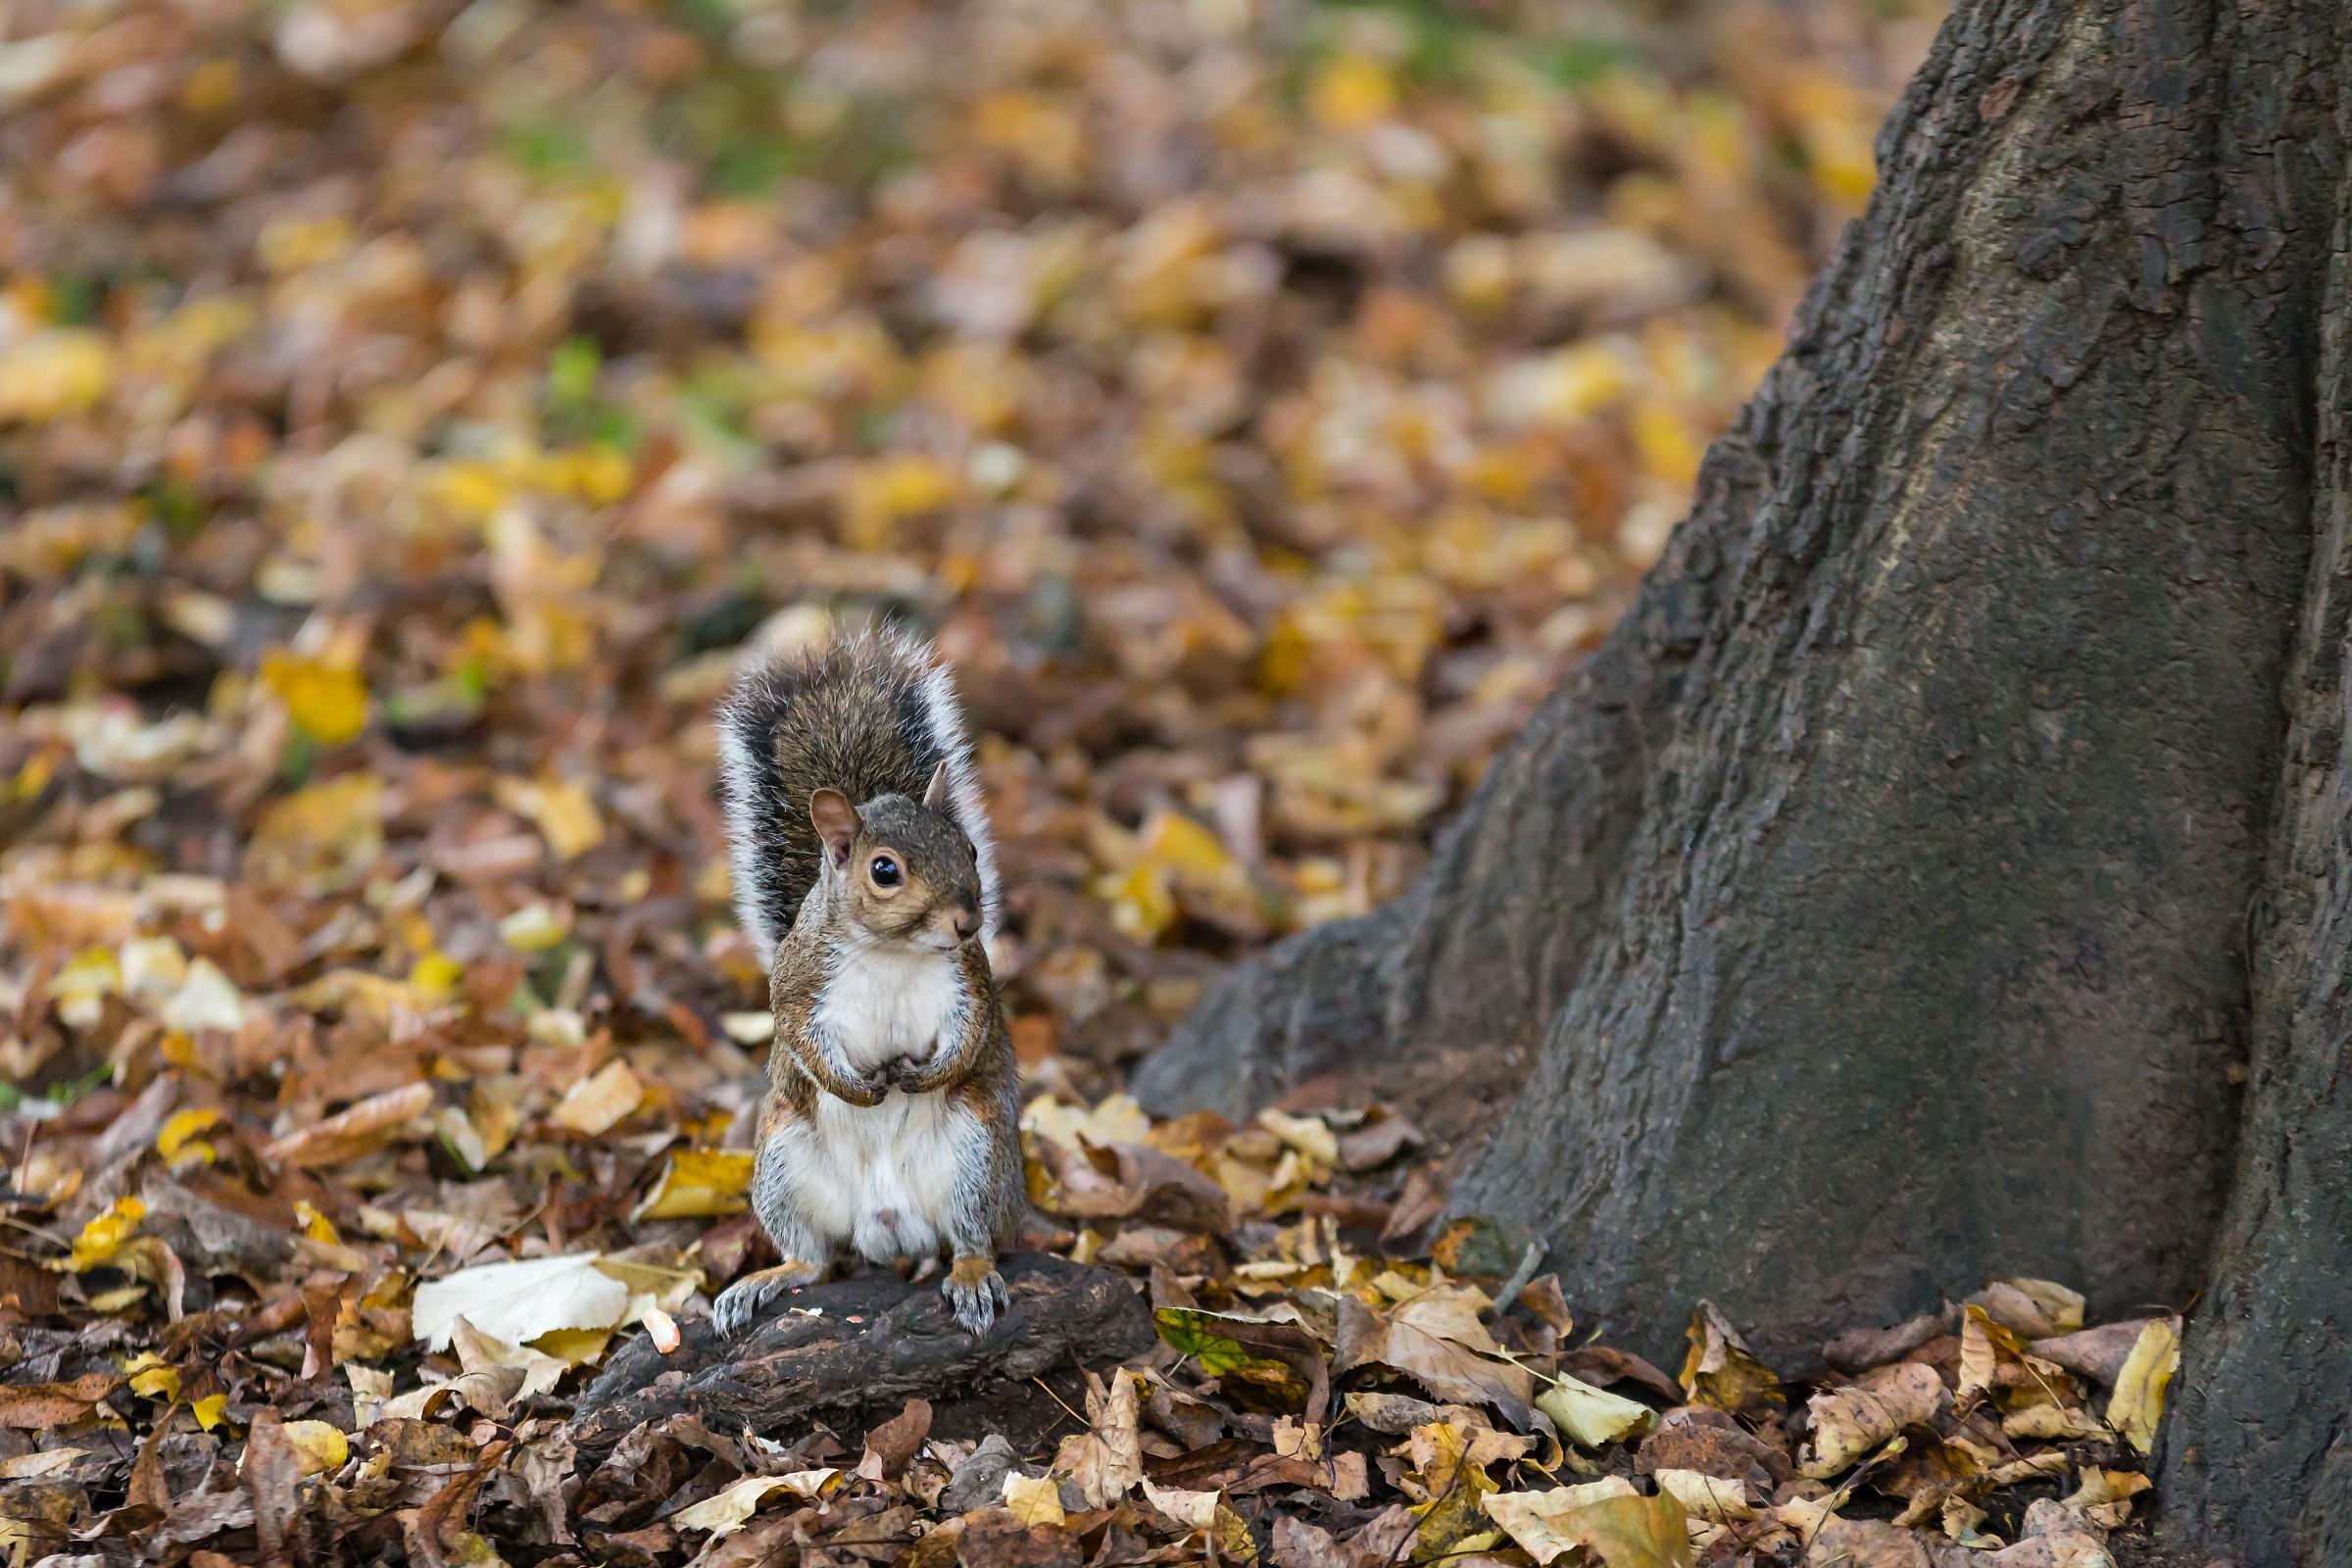 Squirrel in Autumn - Sciurus carolinensis...